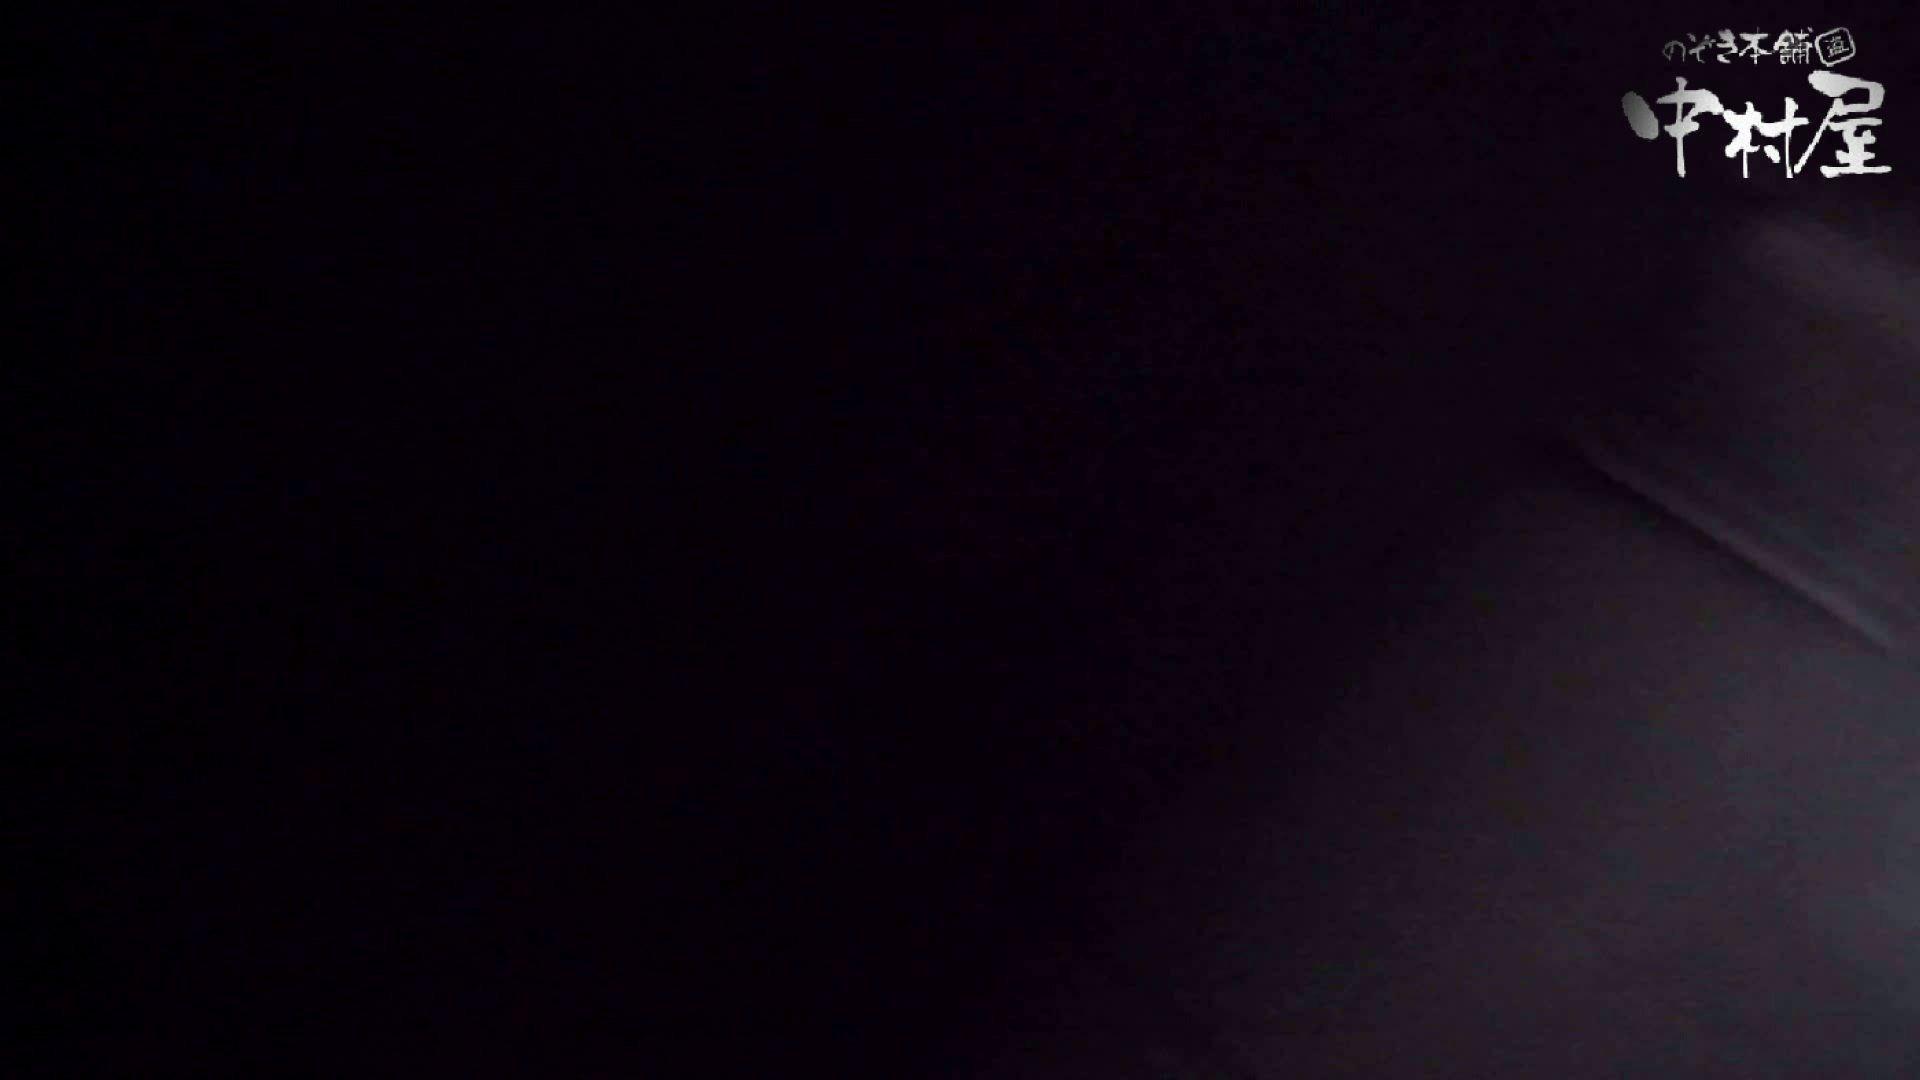 【世界の射窓から】世界の射窓から vol.7 洗面所 | OL女体  49連発 11